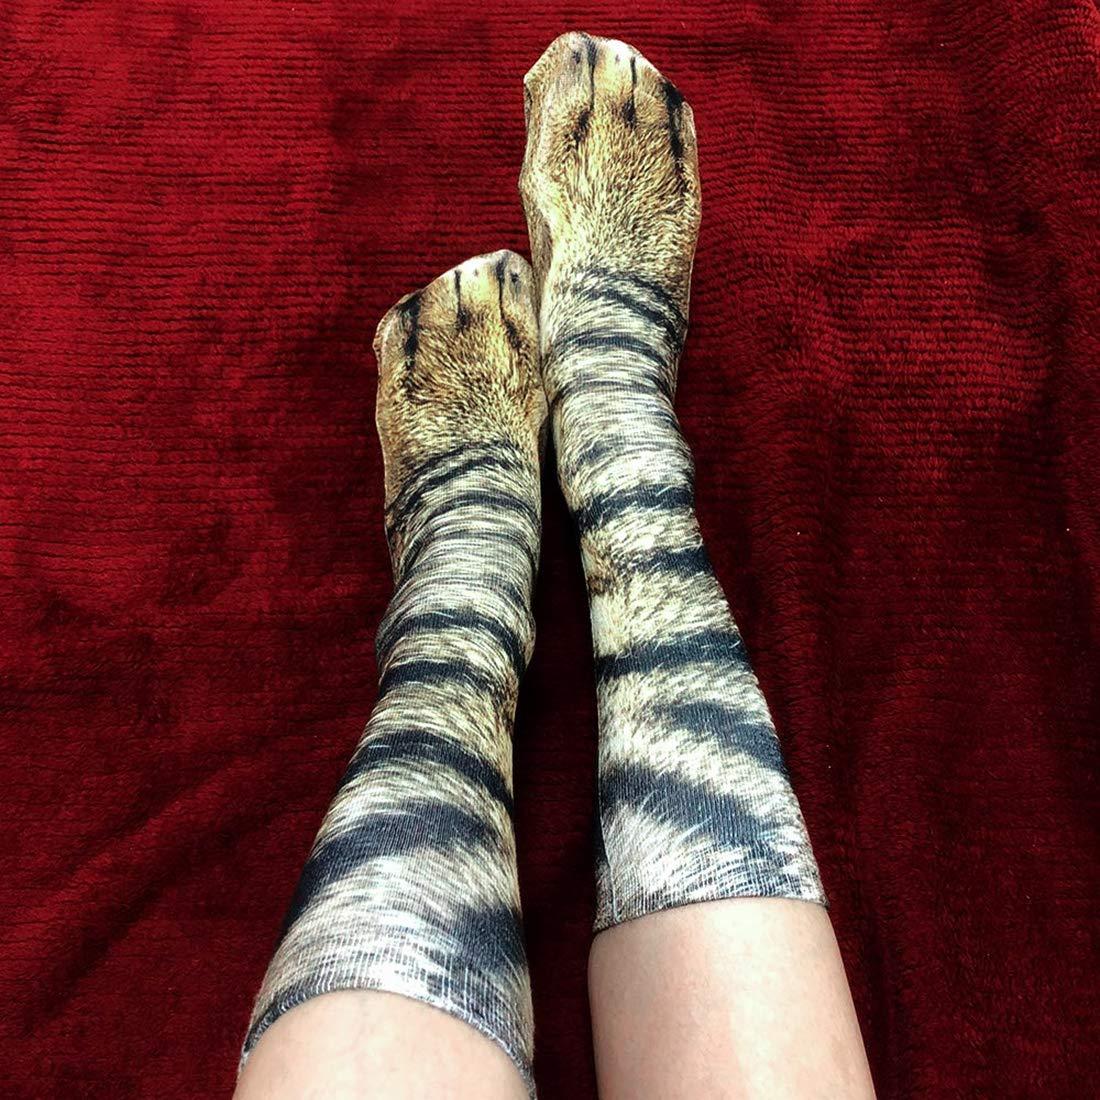 Animal Paws Socks-Novelty Animal Socks Crazy 3D Cat Dog Tiger Paw Crew Socks Funny Gift for Men Women Kids